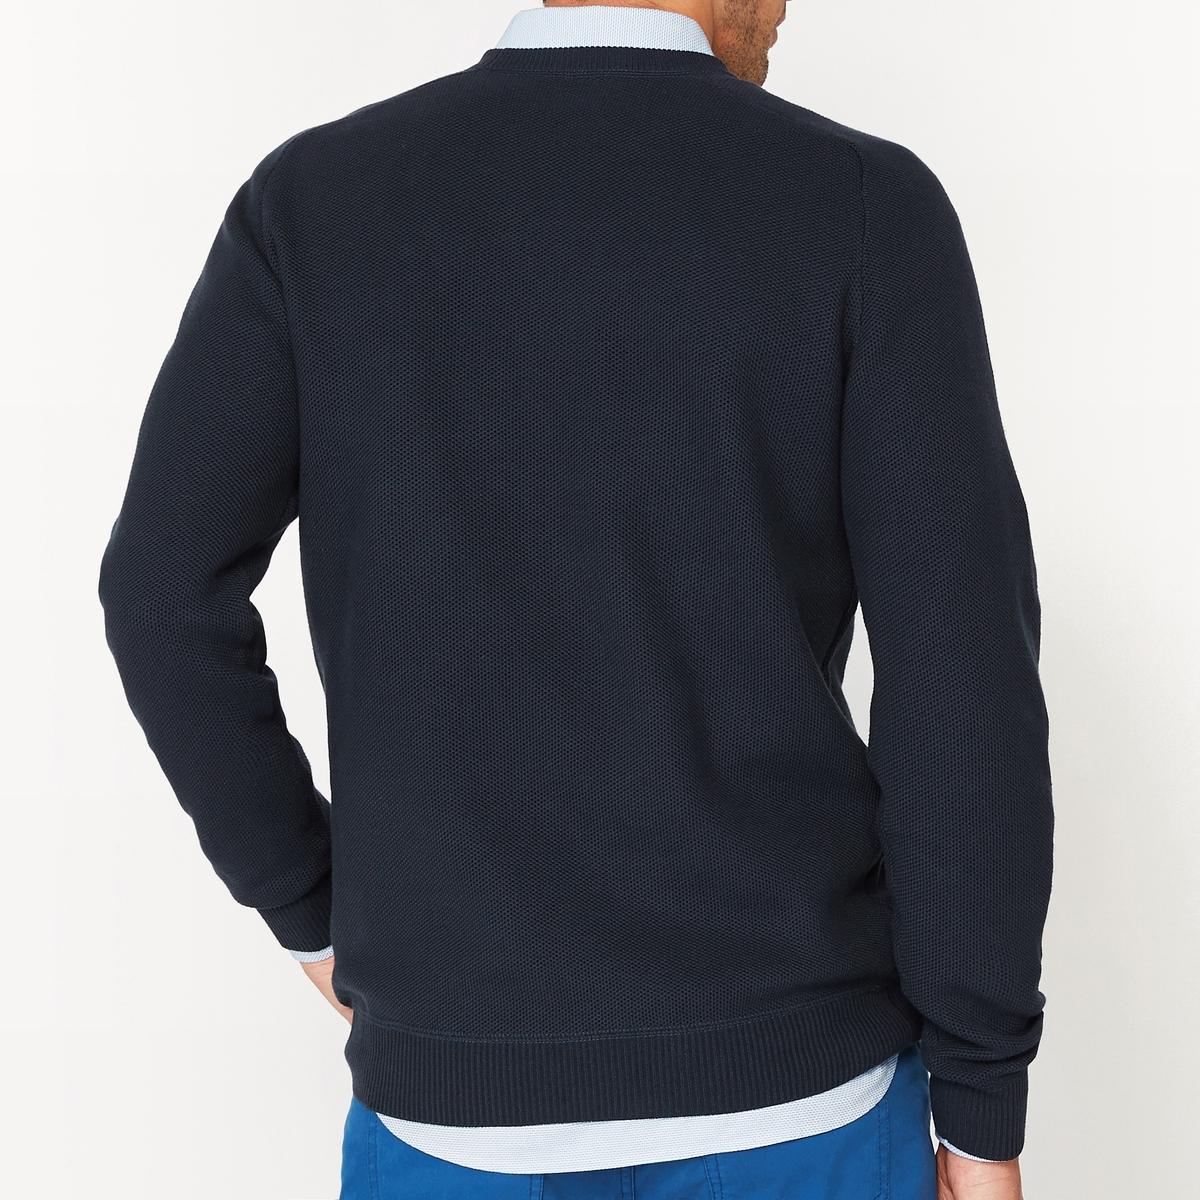 Пуловер с круглым вырезом из трикотажа 100% хлопокПуловер из трикотажа. Длинные рукава с манжетами и низом, связанными в рубчик . Прямой покрой, круглый вырез. Состав и описание :Основной материал : 100% хлопокМарка : R essentiel.Длина : 71 смУход :Машинная стирка при 40°ССтирать, предварительно вывернув наизнанкуОтбеливание запрещеноГладить при средней температуреСухая (химическая) чистка разрешена.Машинная сушка запрещена<br><br>Цвет: темно-синий,черный<br>Размер: S.3XL.XL.L.M.S.3XL.XXL.L.M